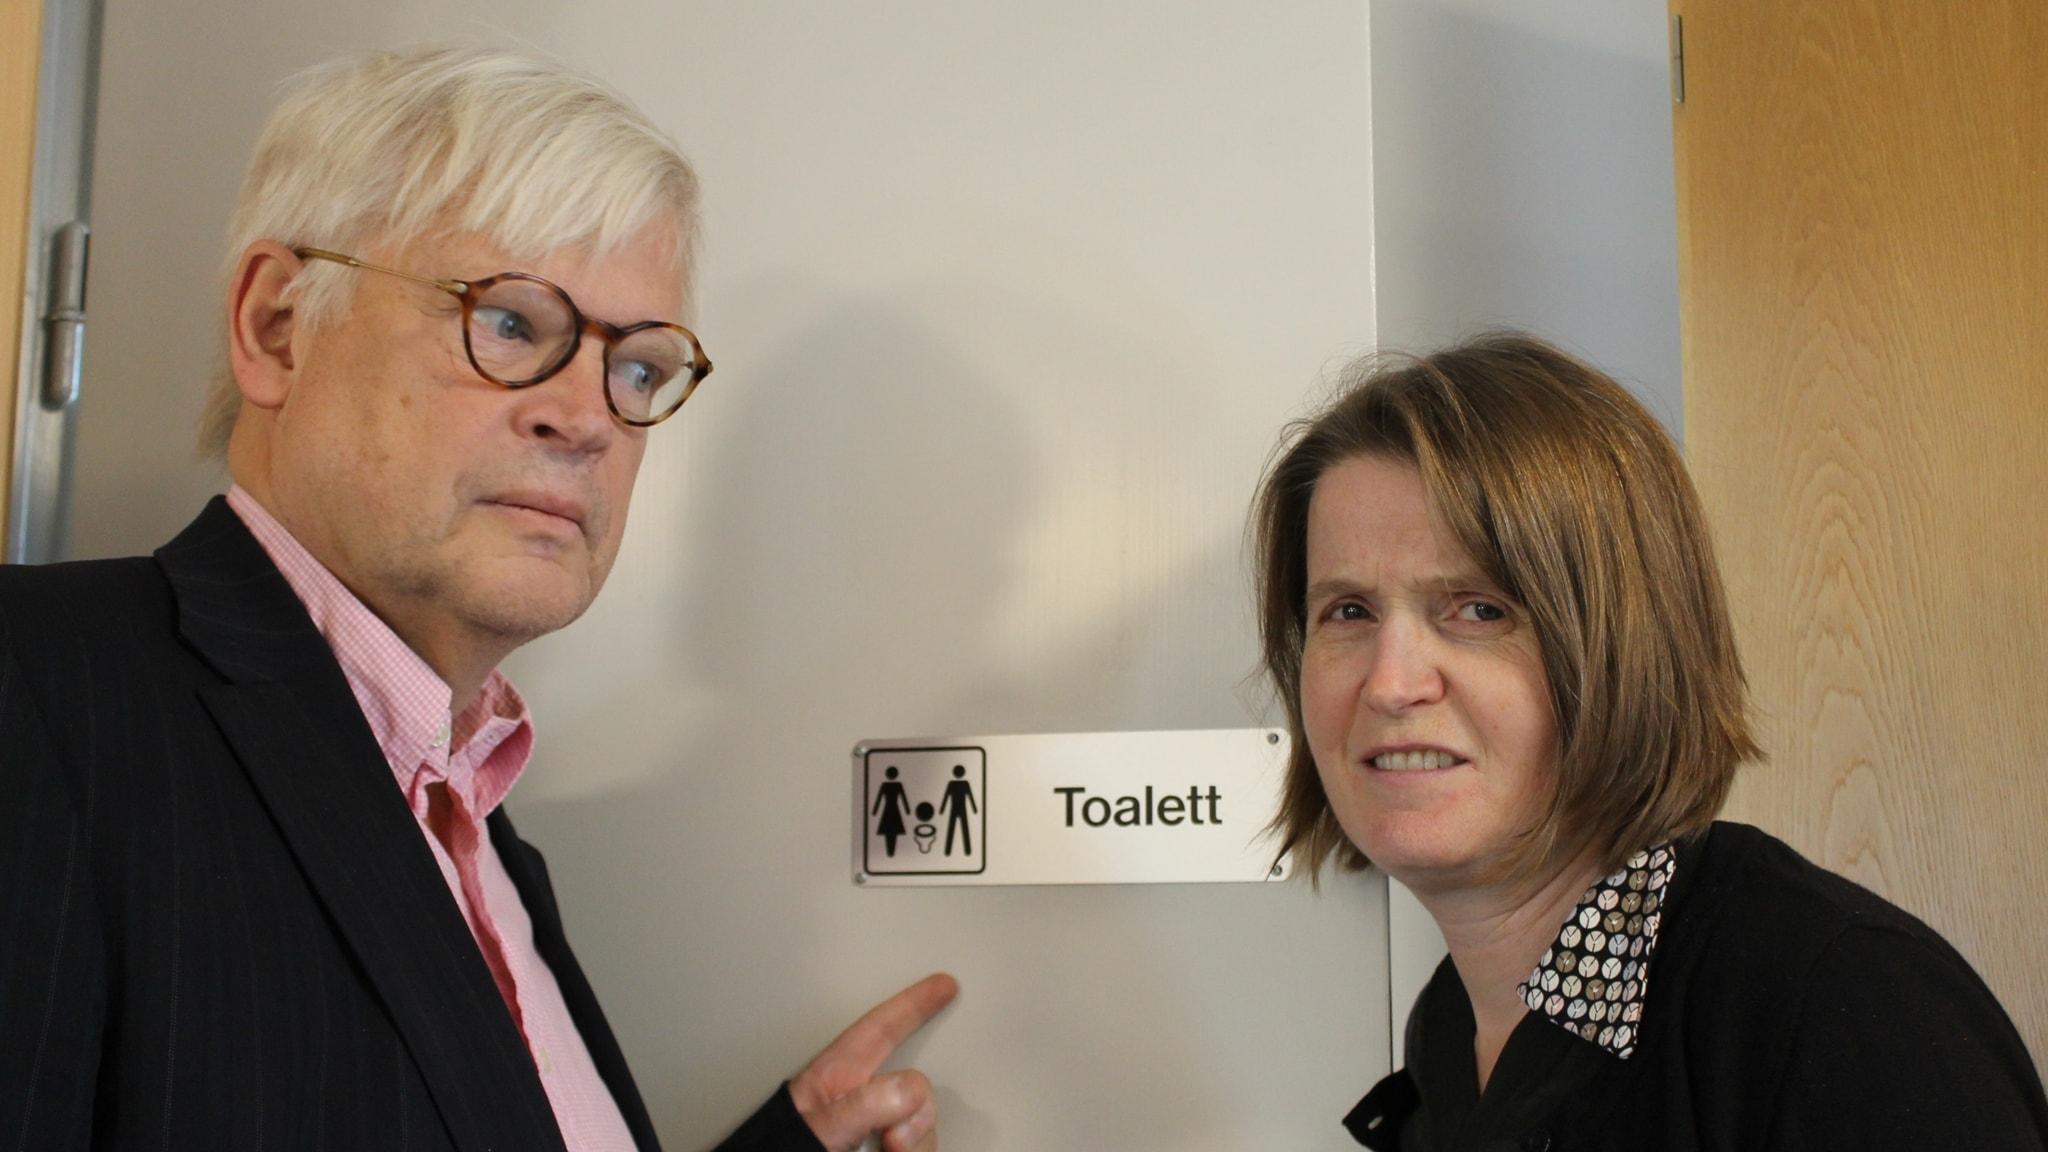 Thomas och Louise utanför en toalett